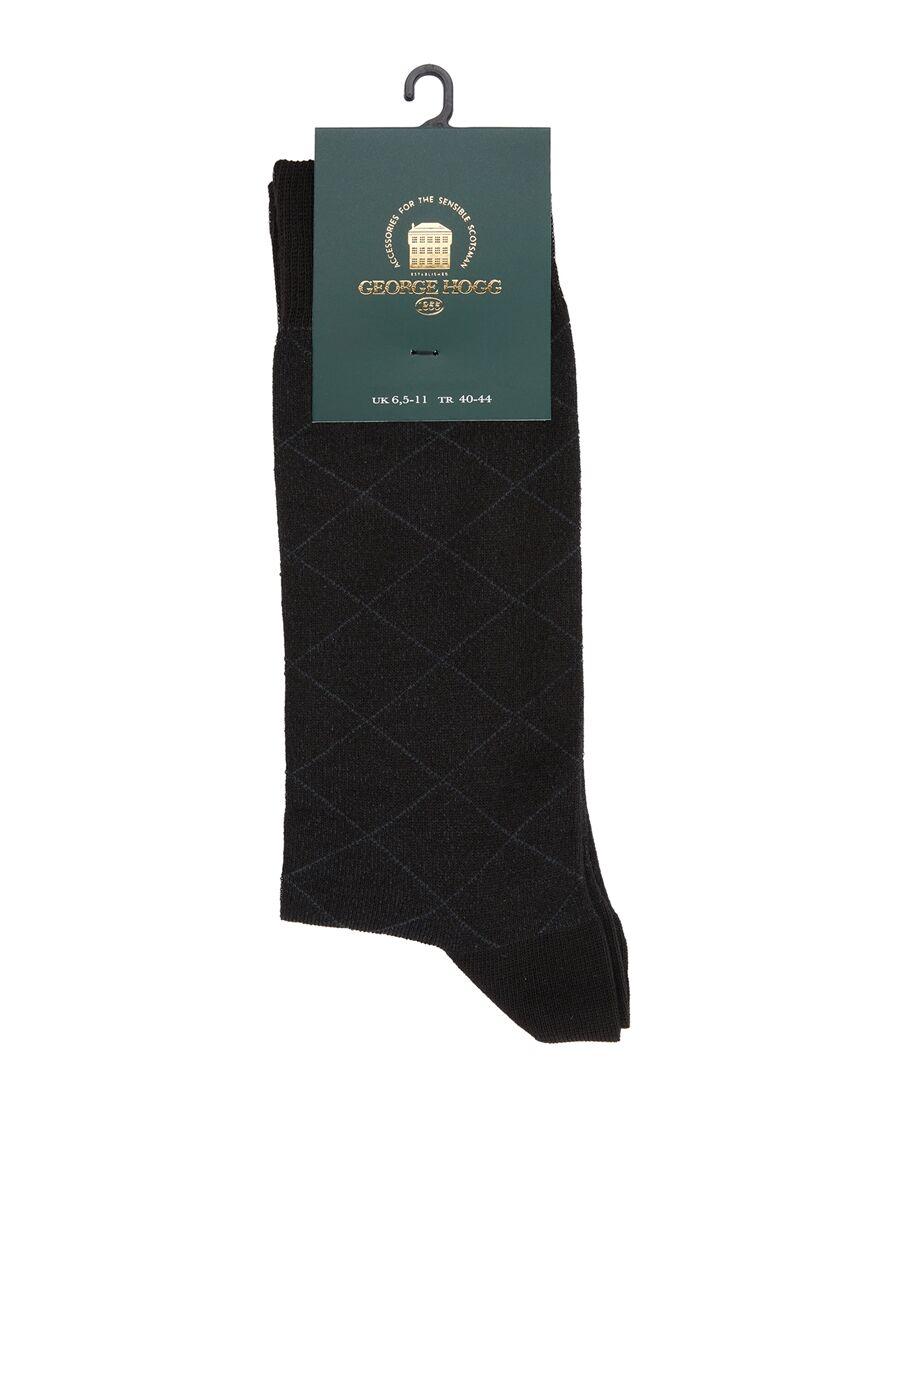 Siyah Desen Jakarlı Erkek Çorap